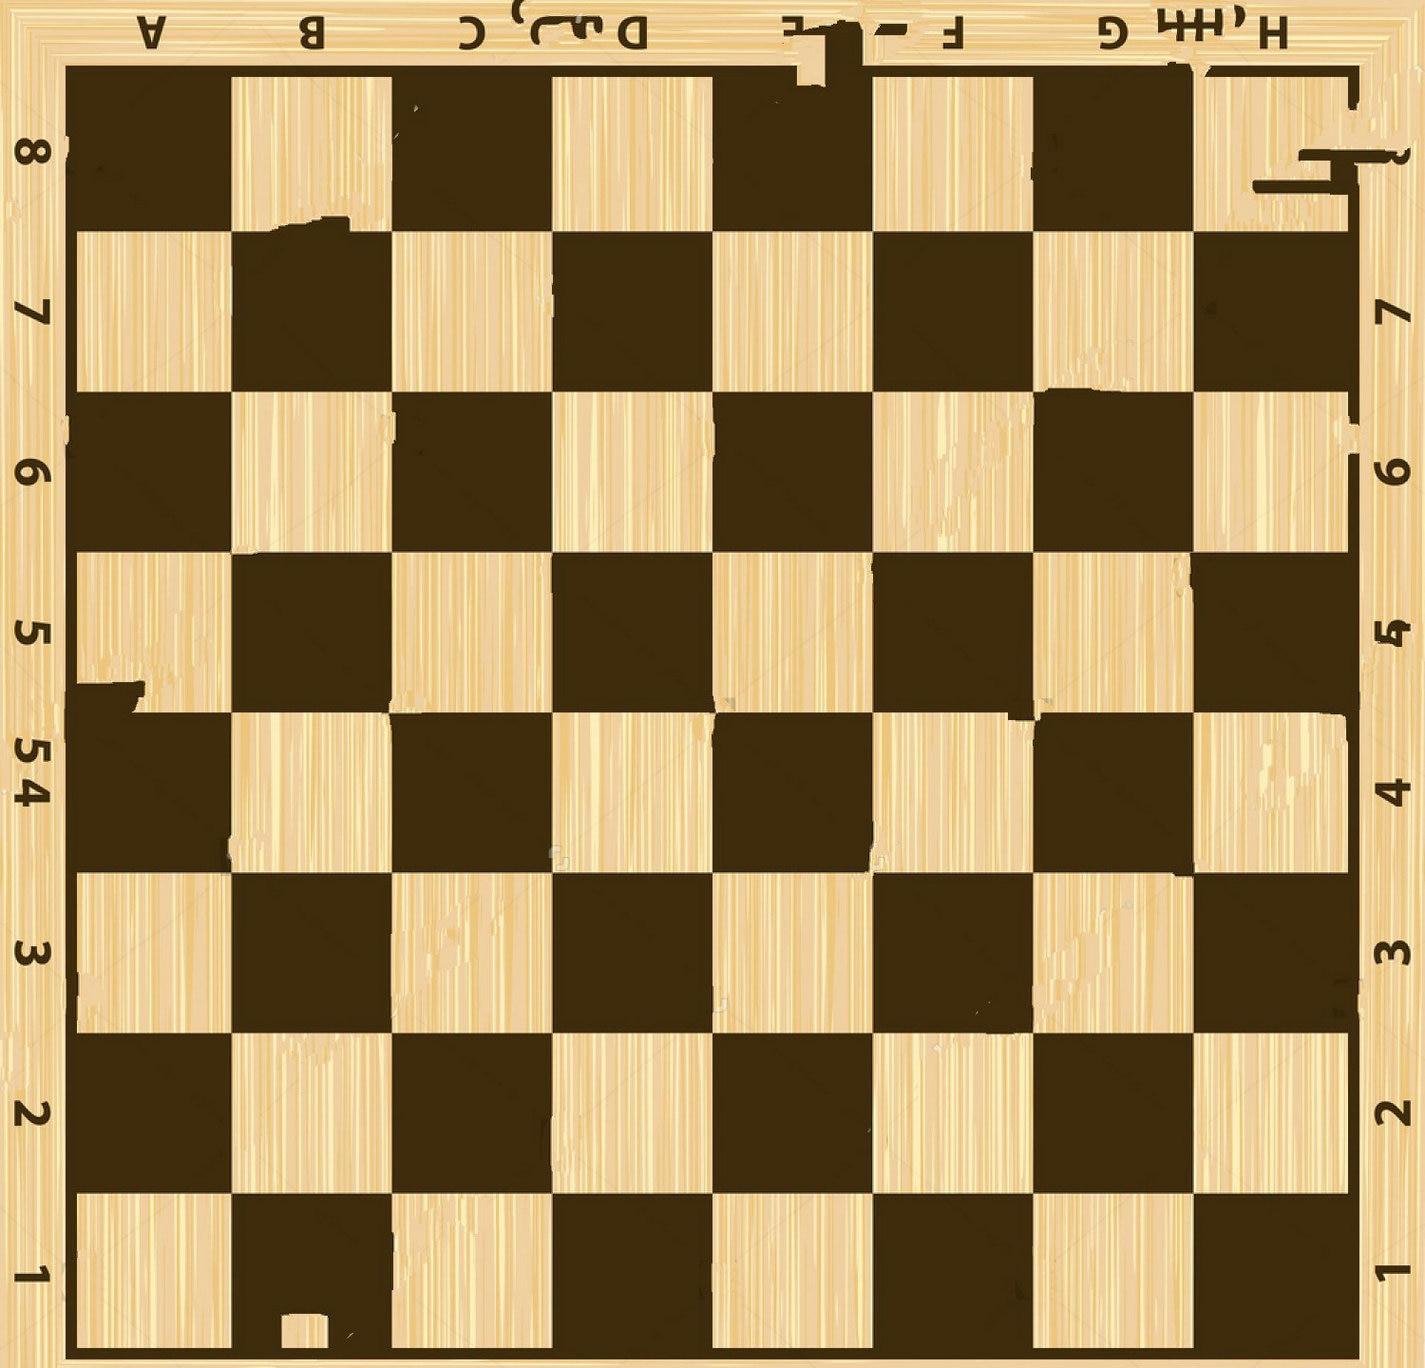 Tablero de ajedrez foto de madera Fondo de estudio fondos de pared impresos por ordenador de alta calidad